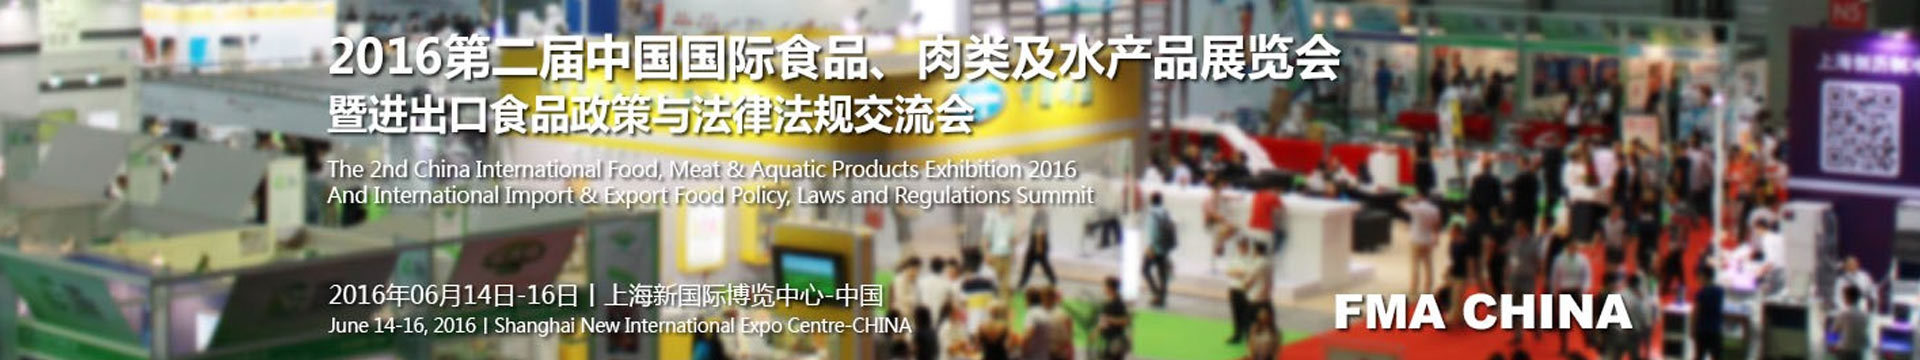 FMA CHINA 2016第二届中国国际食品、肉类及水产品展览会暨进出口食品政策与法律法规交流会